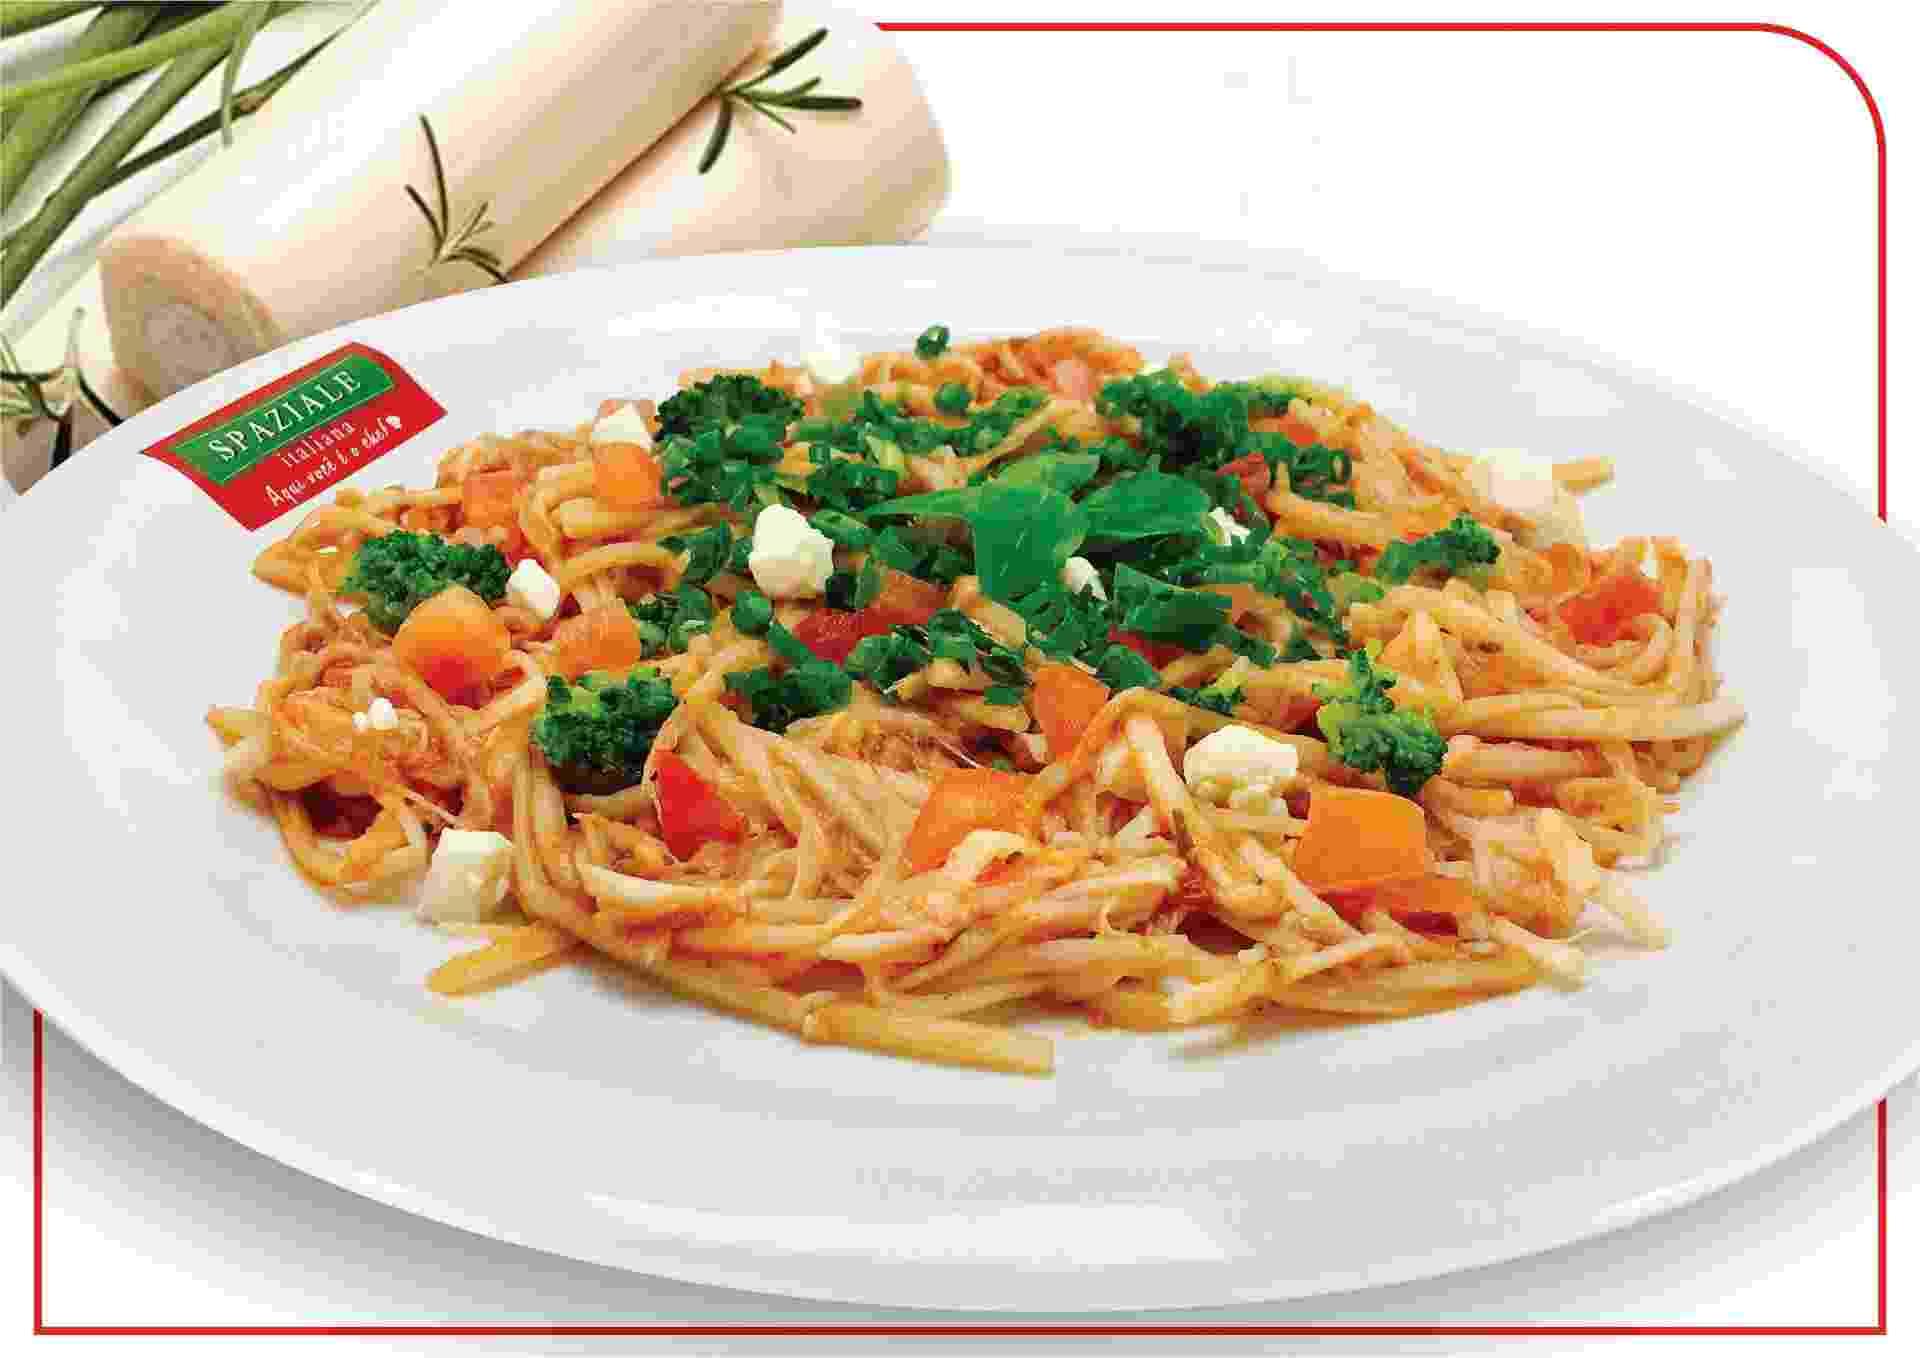 Espaguete de pupunha, feito pela franquia  Spaziale Italiana, de São José do Rio Preto - Divulgação